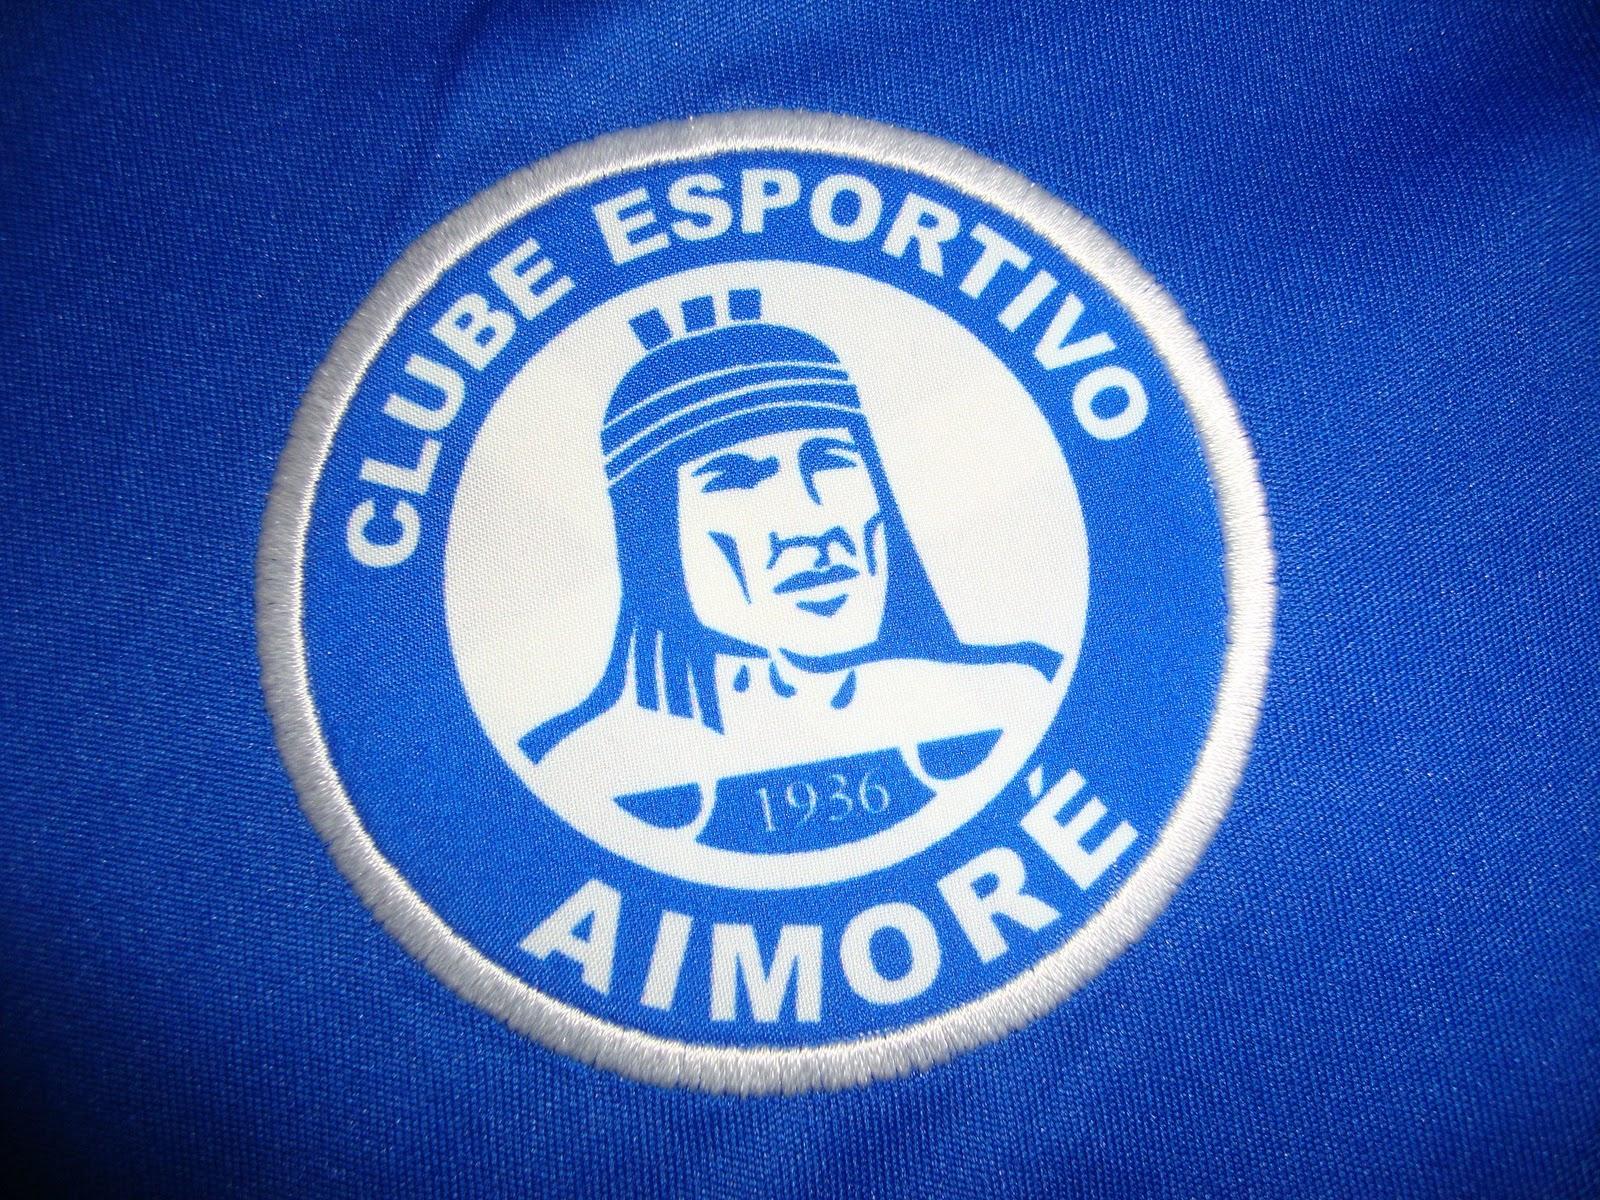 Aimore